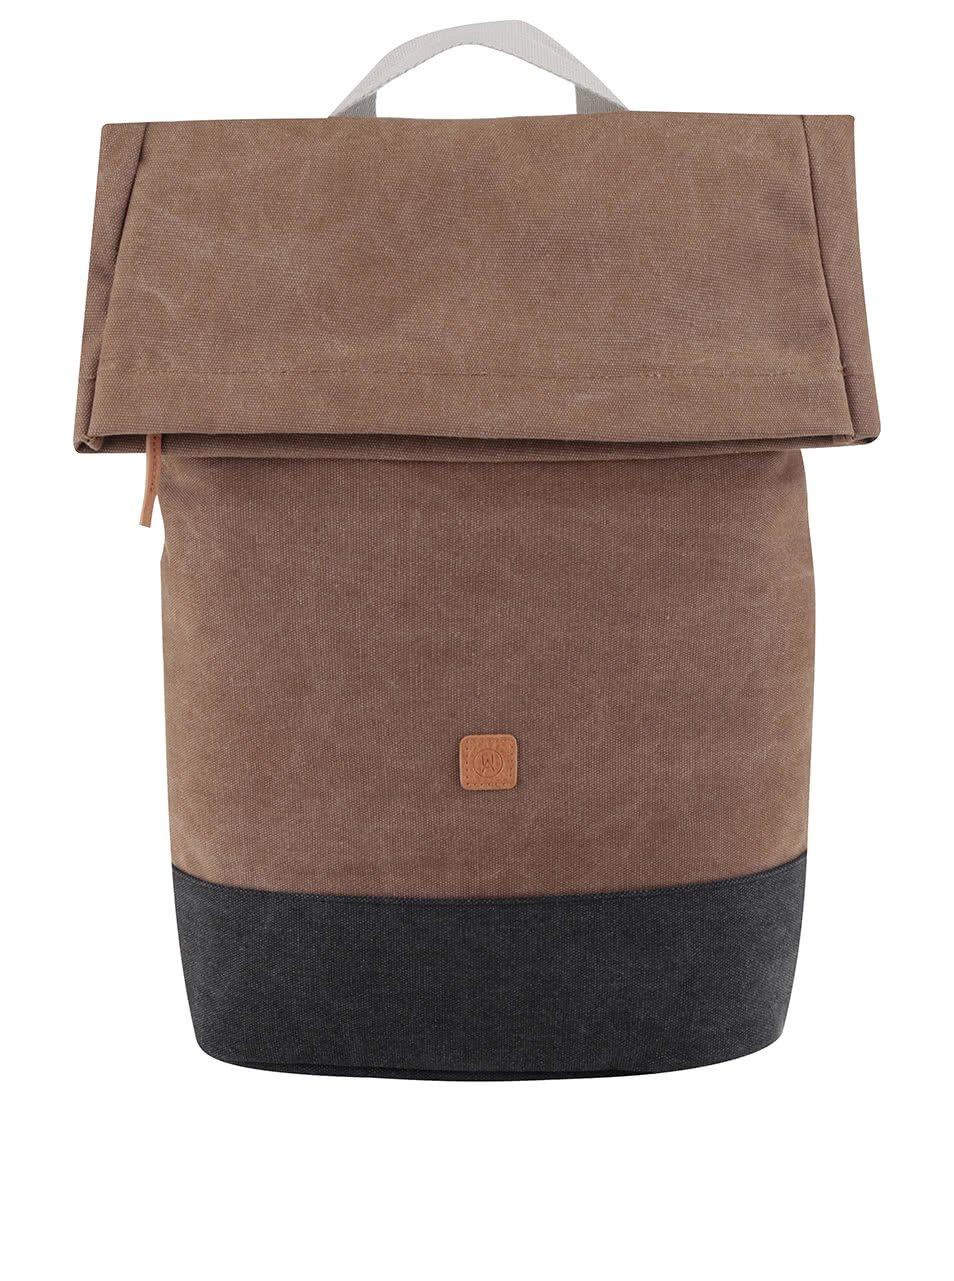 Šedo-hnědý batoh Ucon Karlo Waterproof 20 l